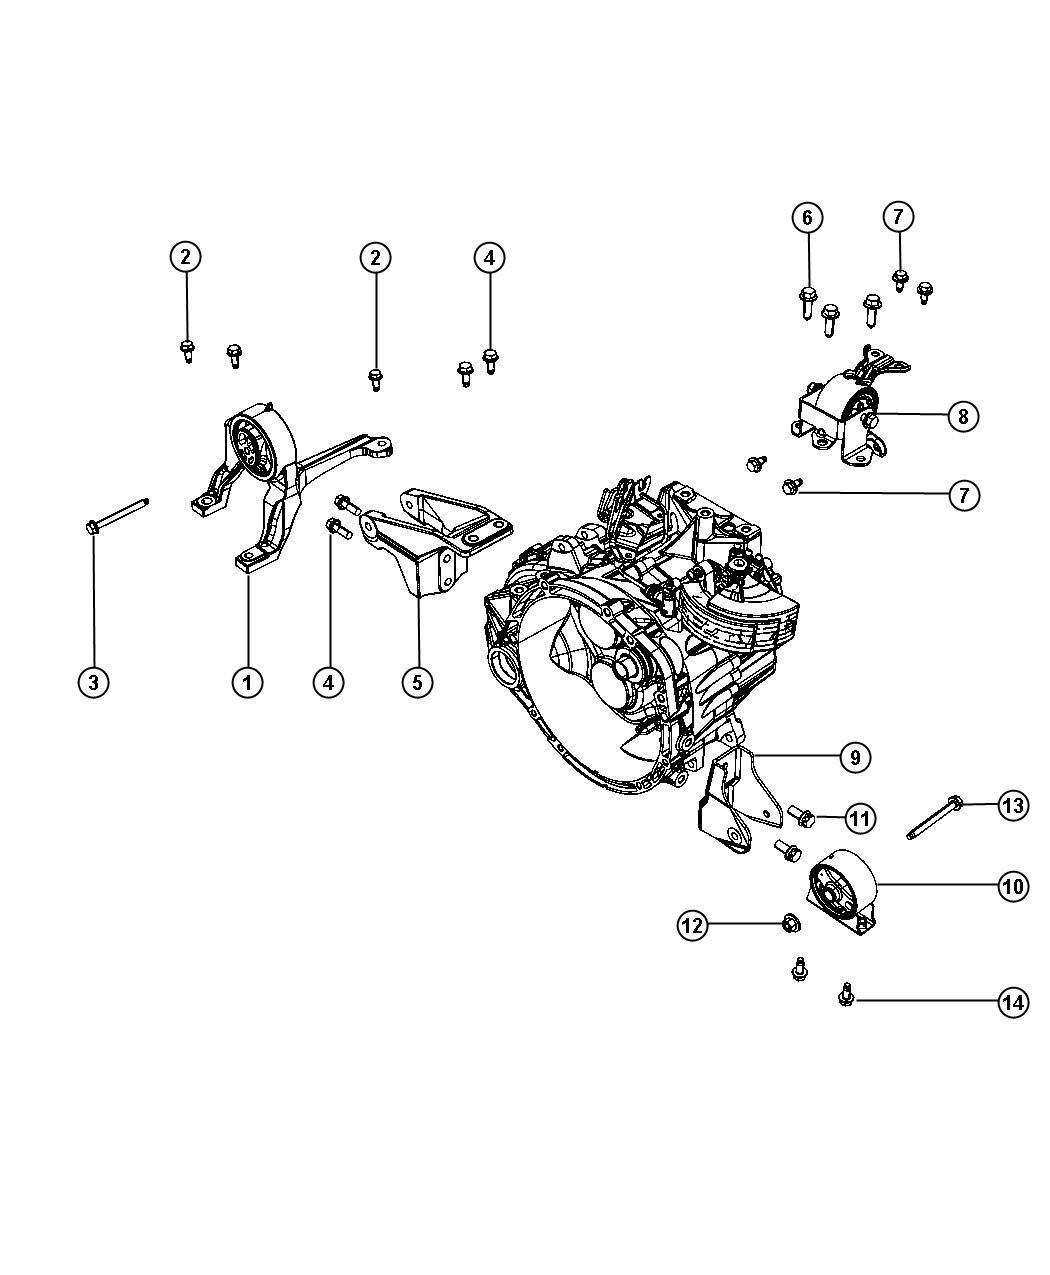 2008 Dodge Caliber Isolator. Engine mount. Rear. Mounting